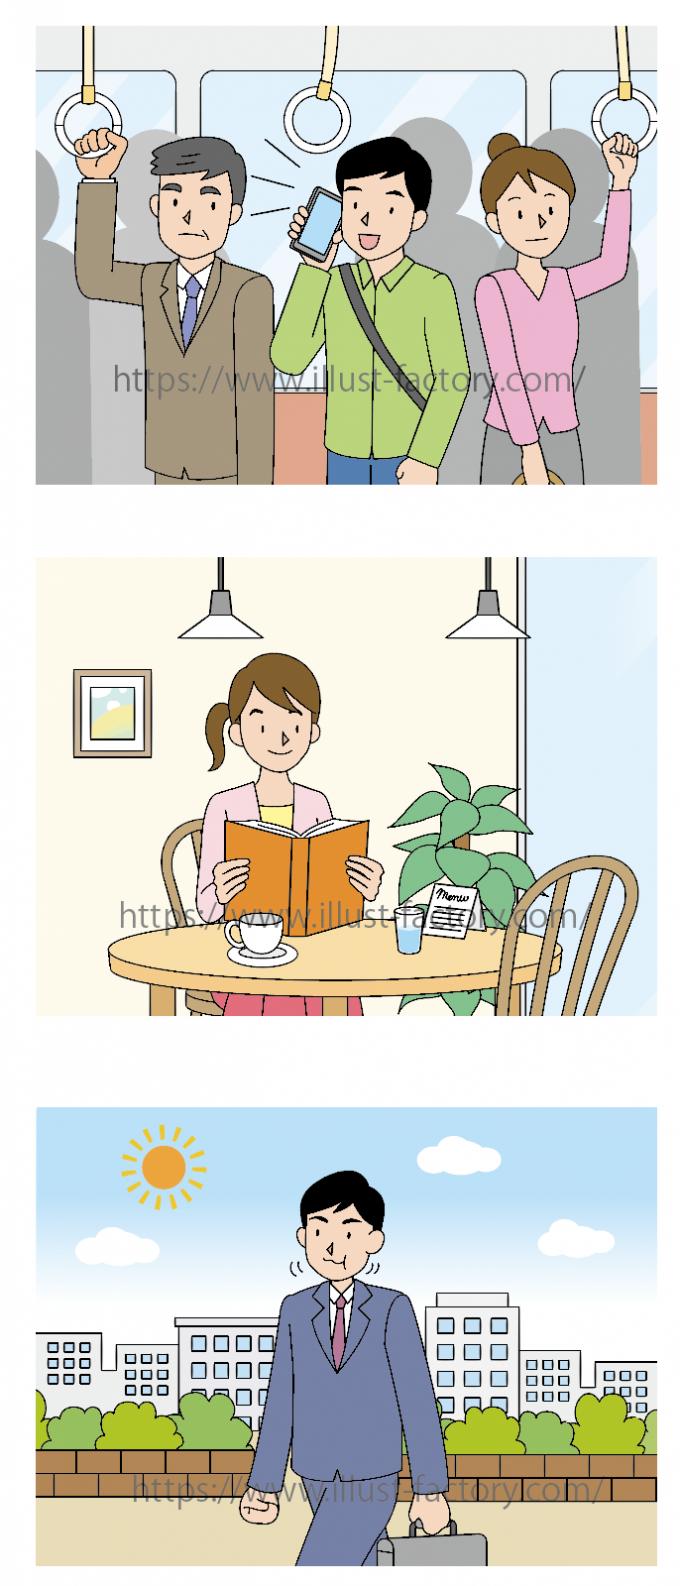 日本でのマナーイラスト★クイズ用のイラスト制作いたしました。